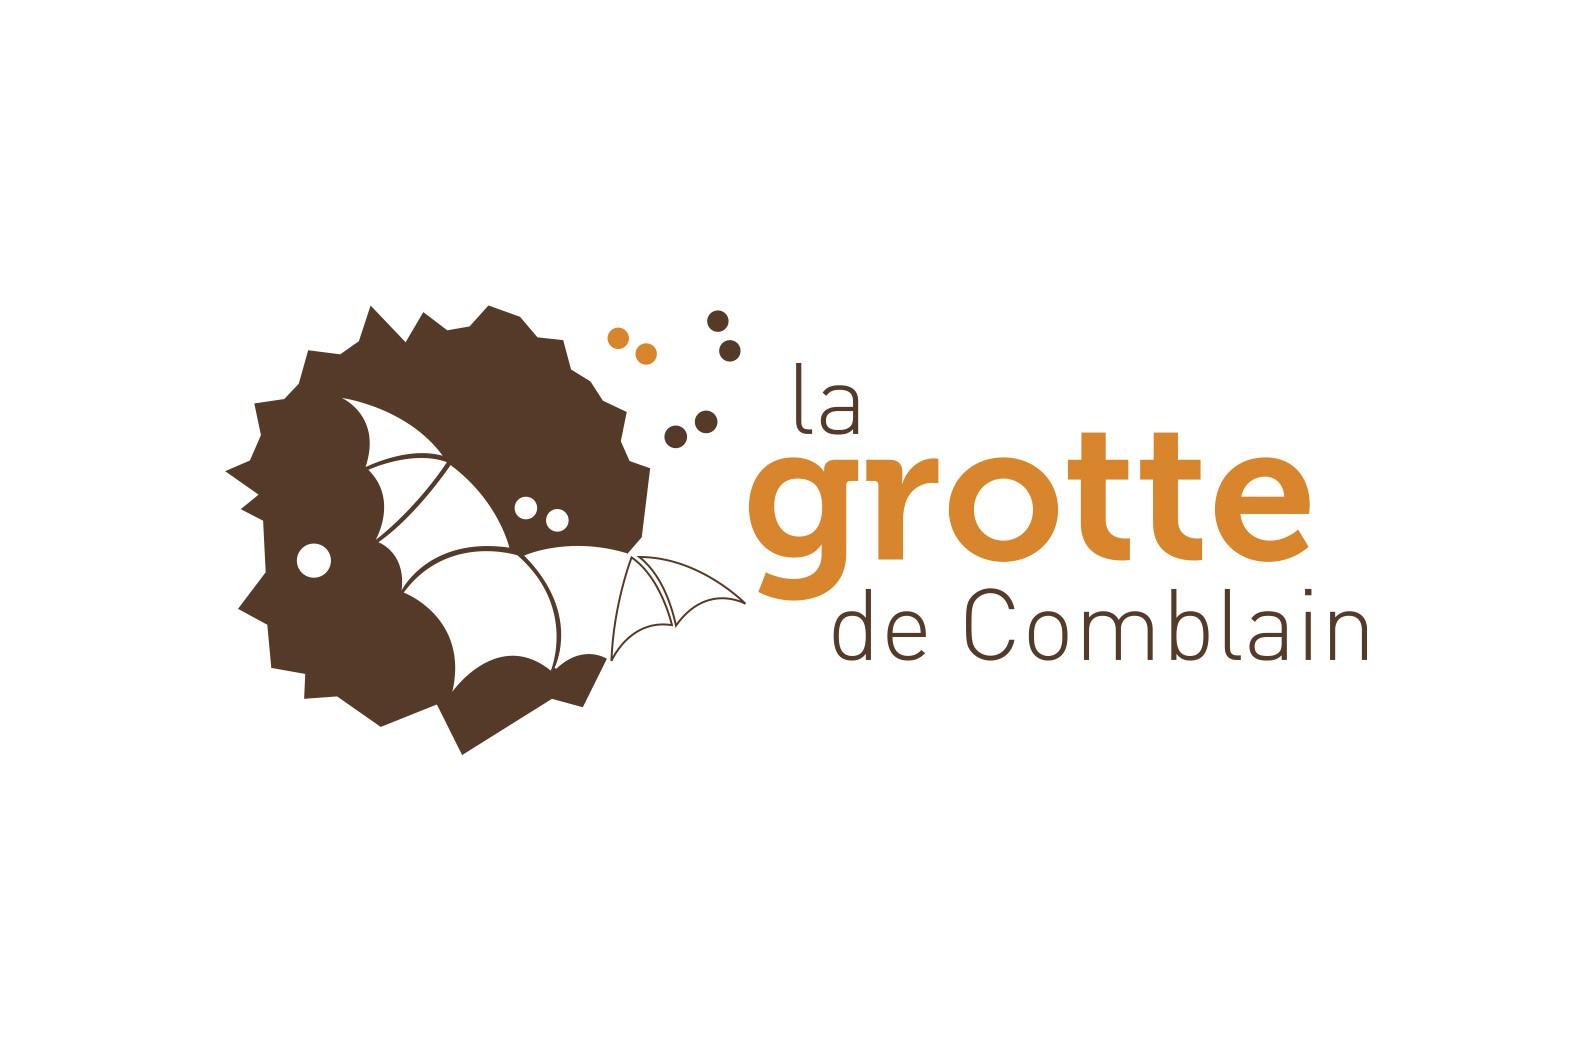 Logo Grotte de Comblain